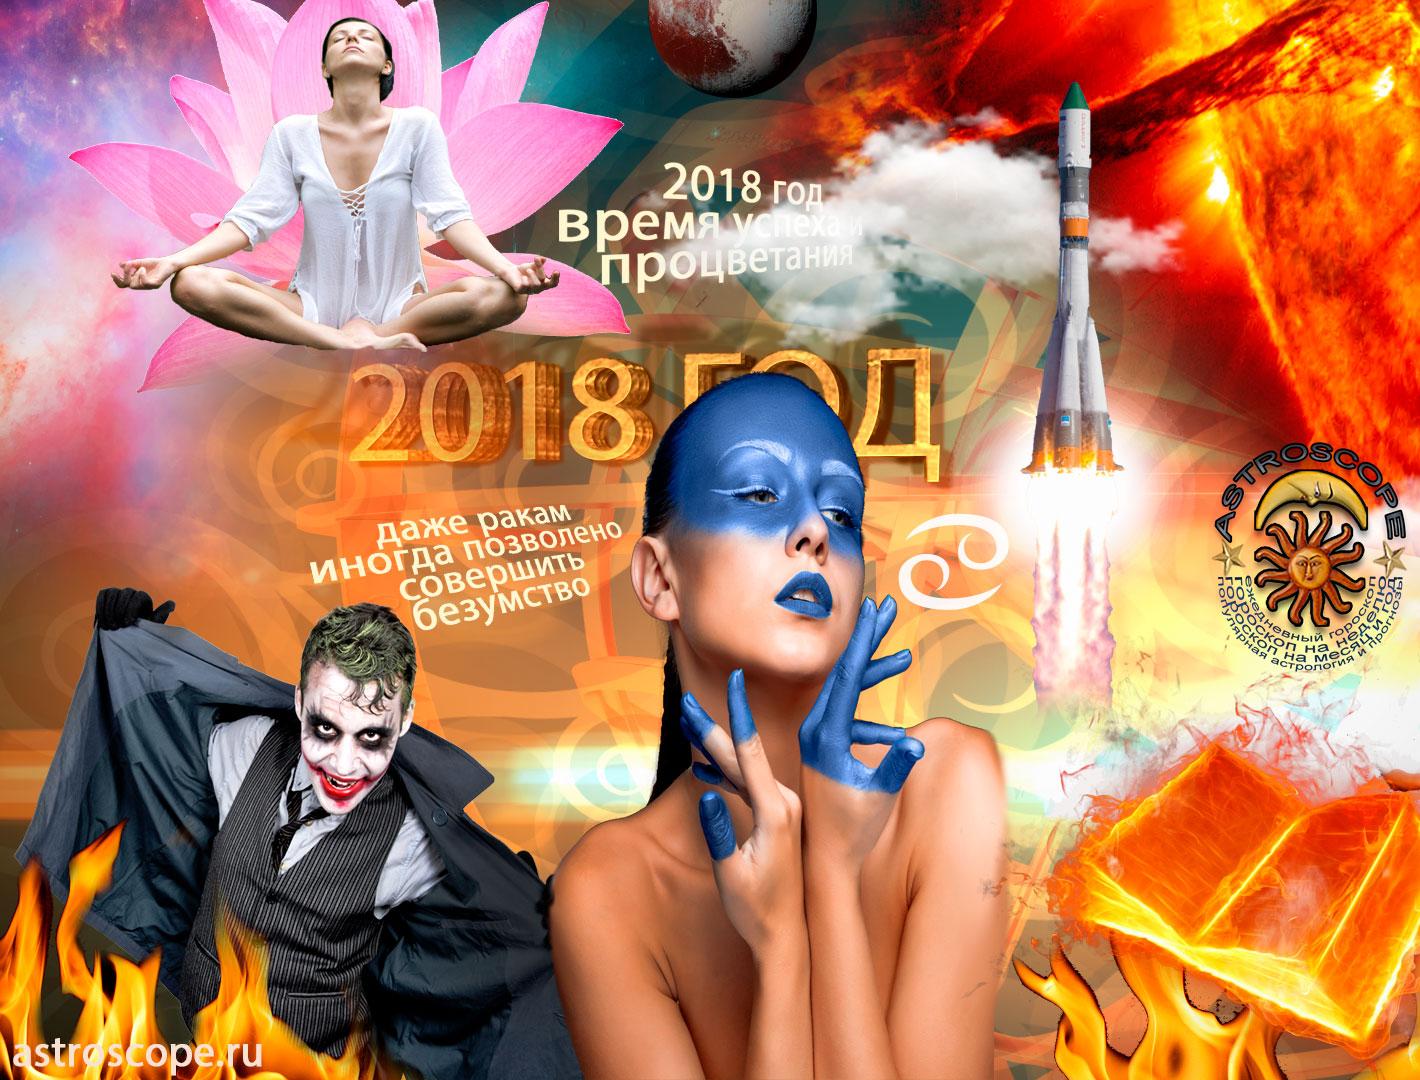 Гороскоп на 2018 год Рак, астрологический прогноз на 2018 год для Раков